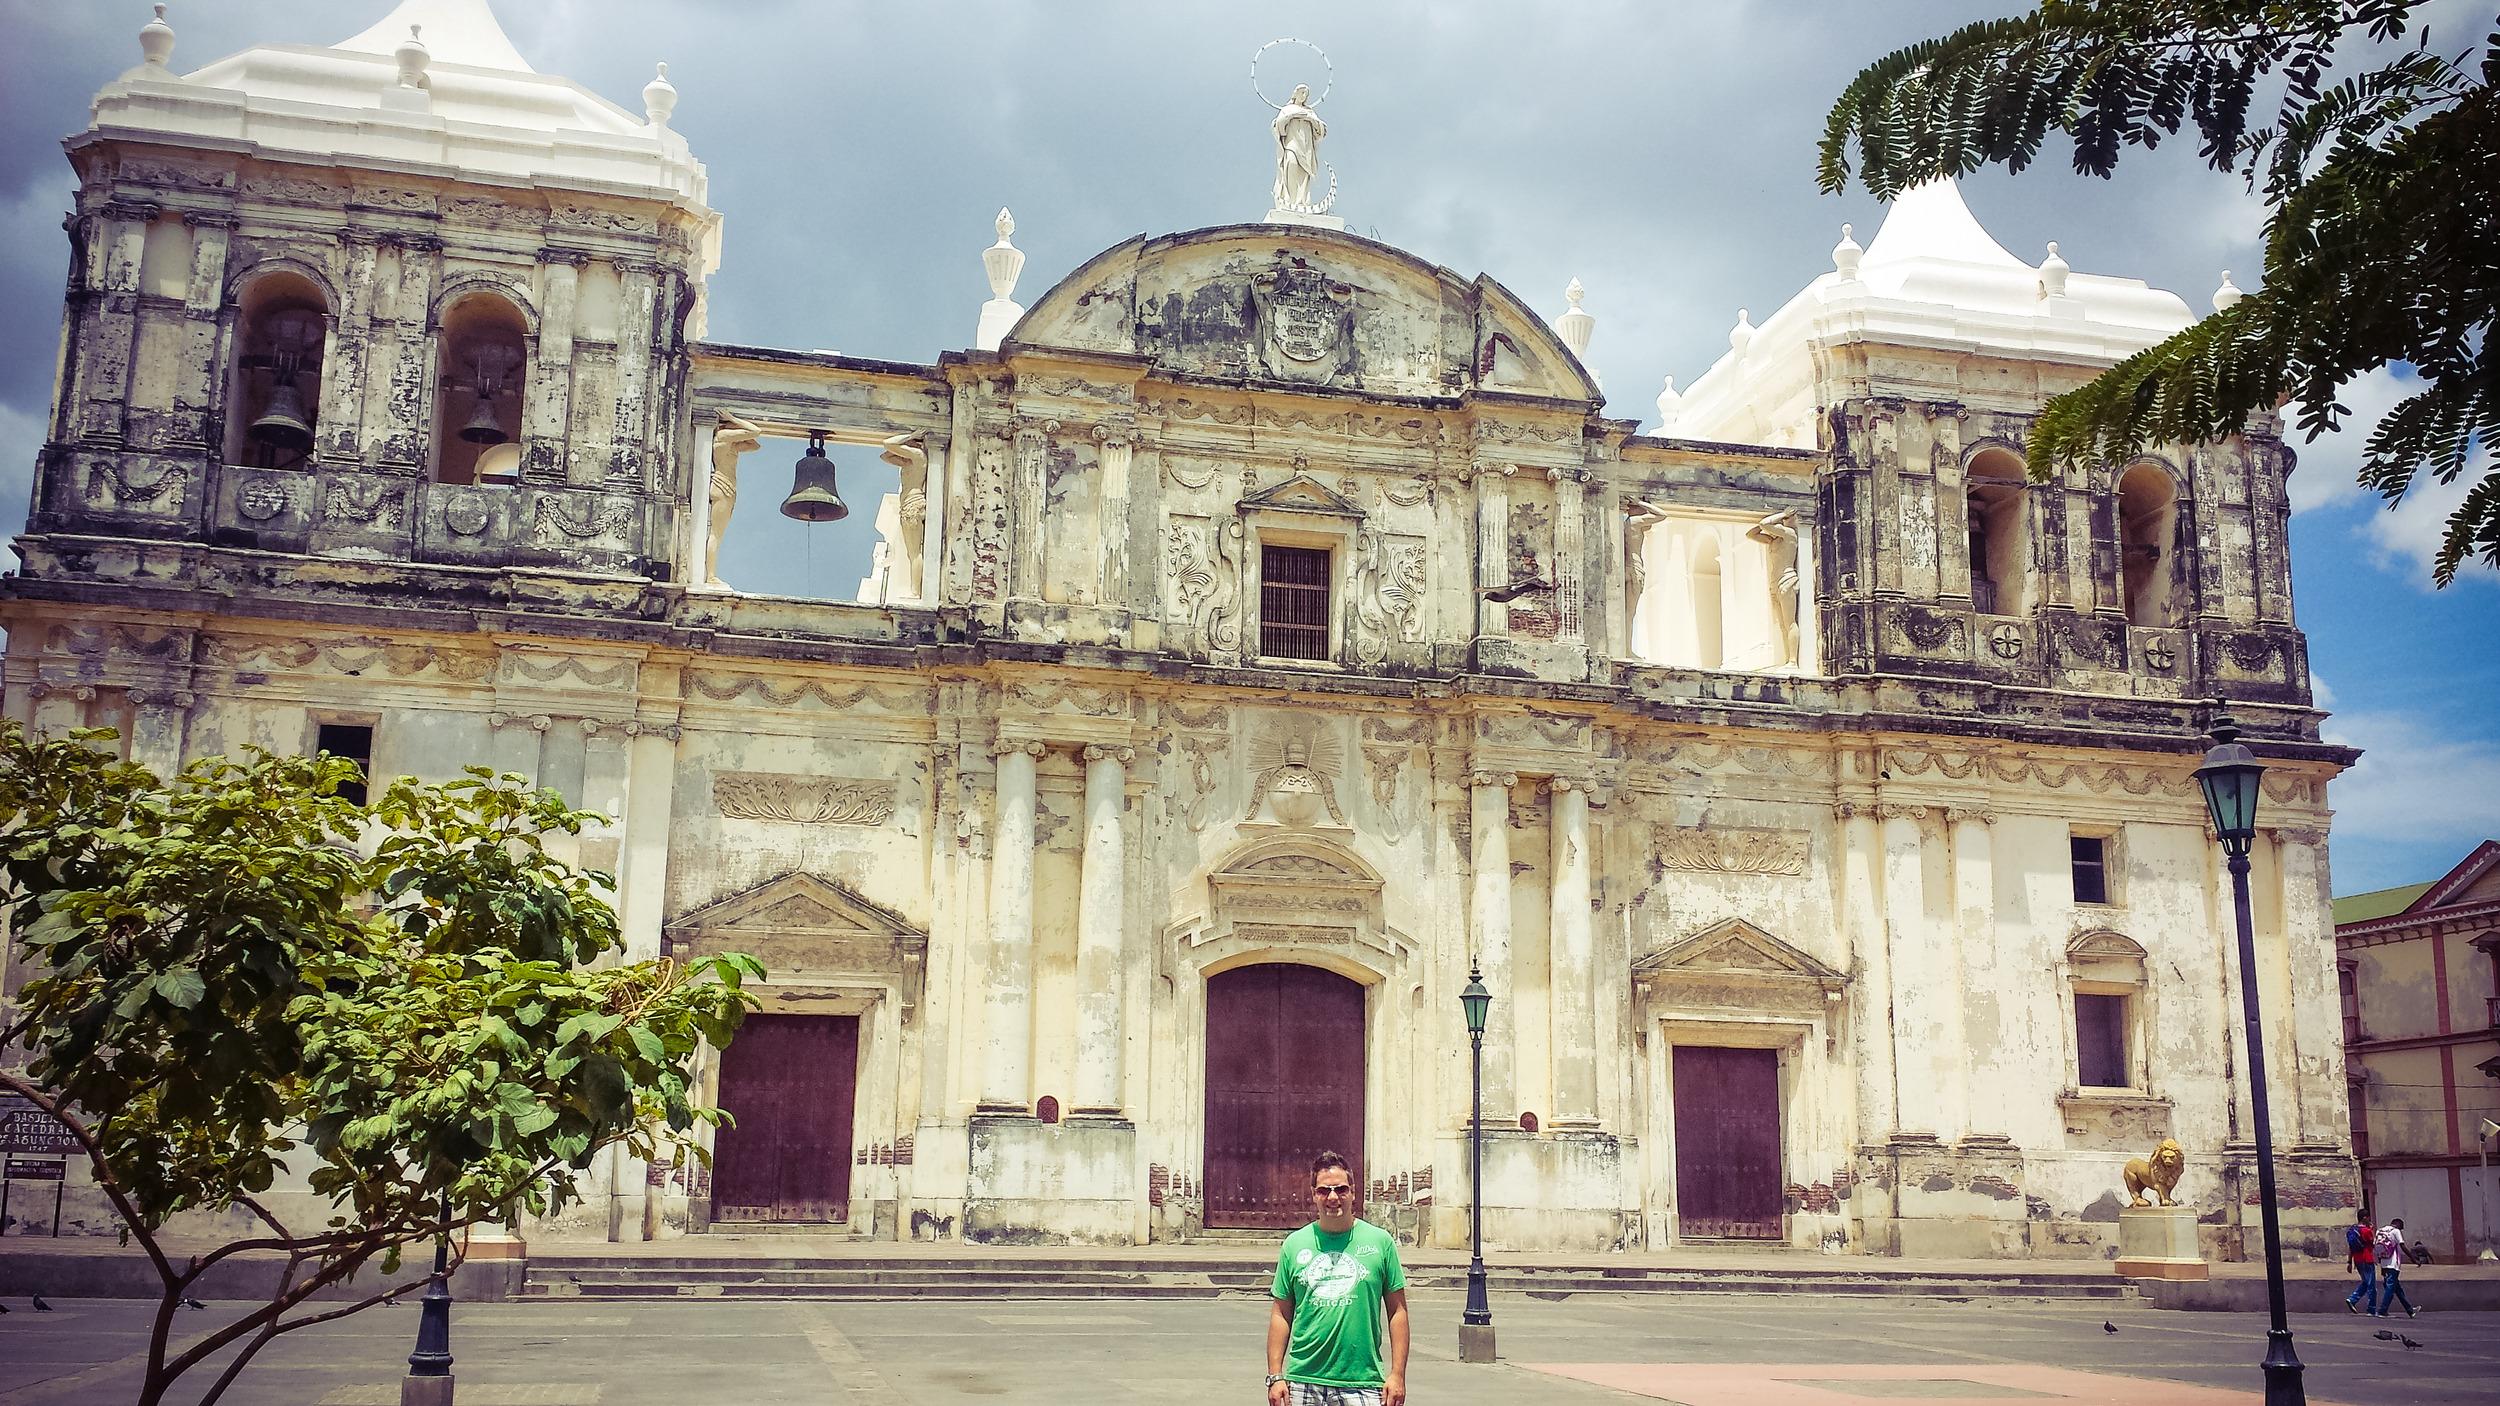 Old Cathedral, Basilica Catedral de la Asucion, establish 1747